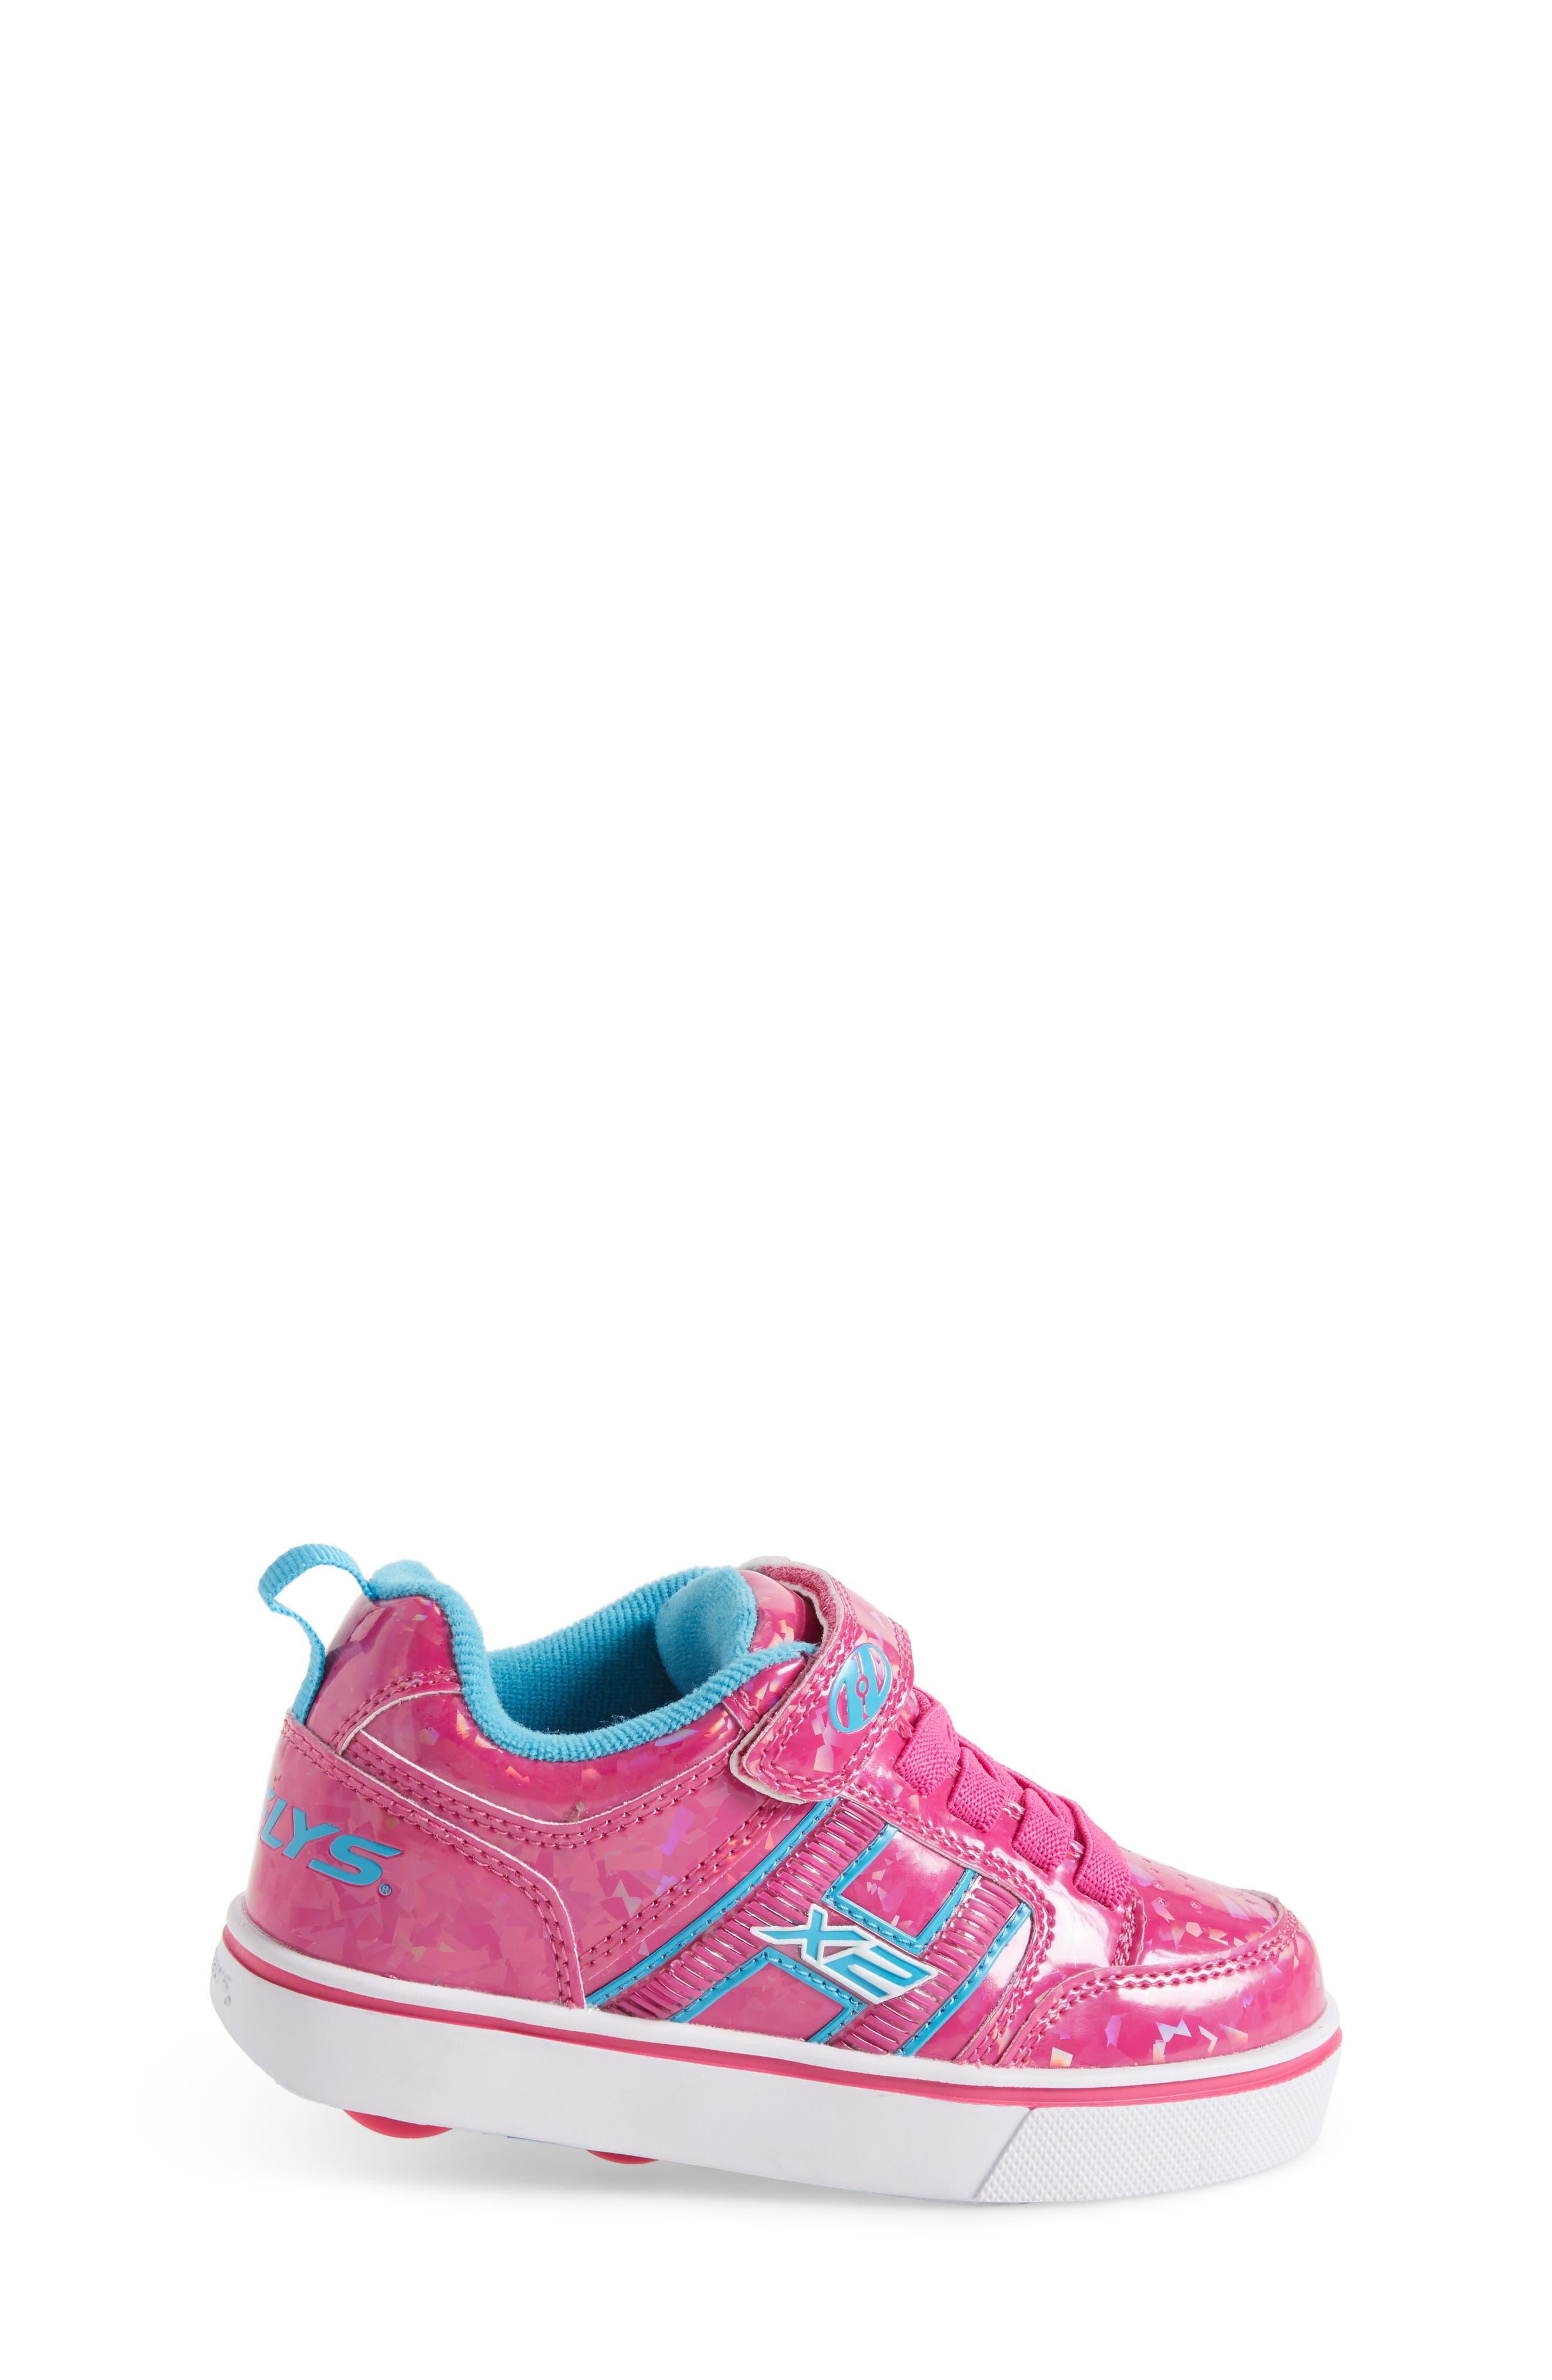 Bolt Plus X2 Light-Up Skate Sneaker,                             Alternate thumbnail 3, color,                             Hot Pink Hologram/ Neon Blue